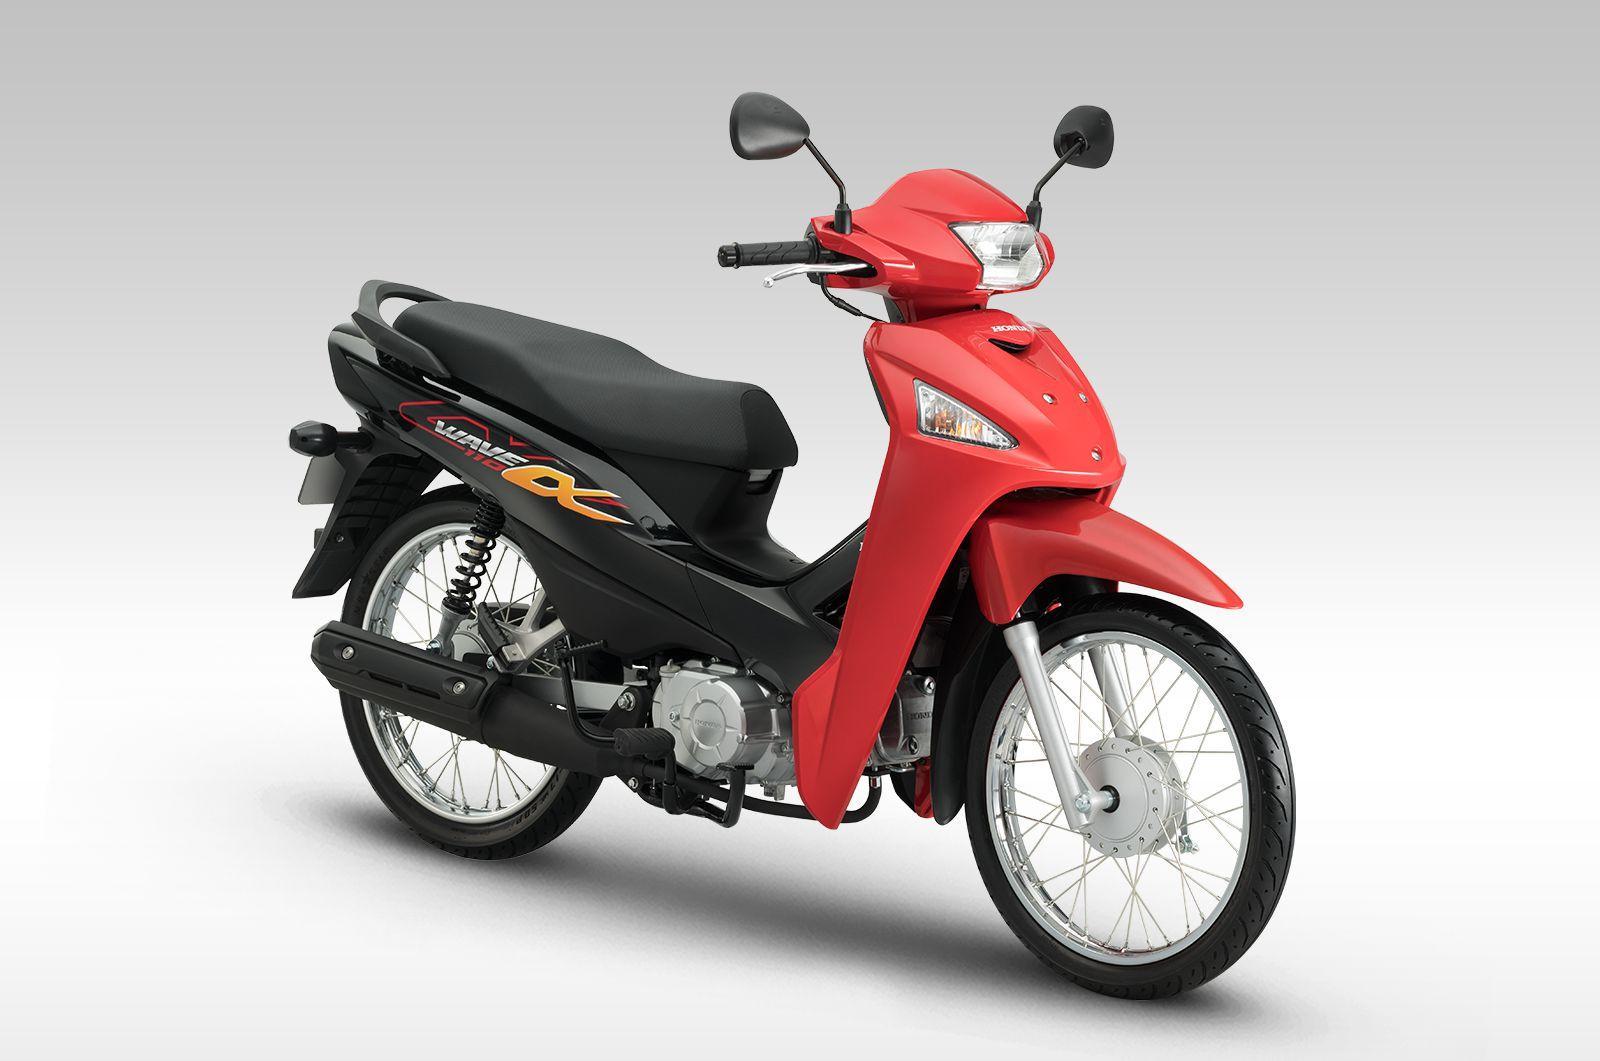 Ảnh có chứa xe máy, con đường, màu đỏ, đậu xe Mô tả được tạo tự động